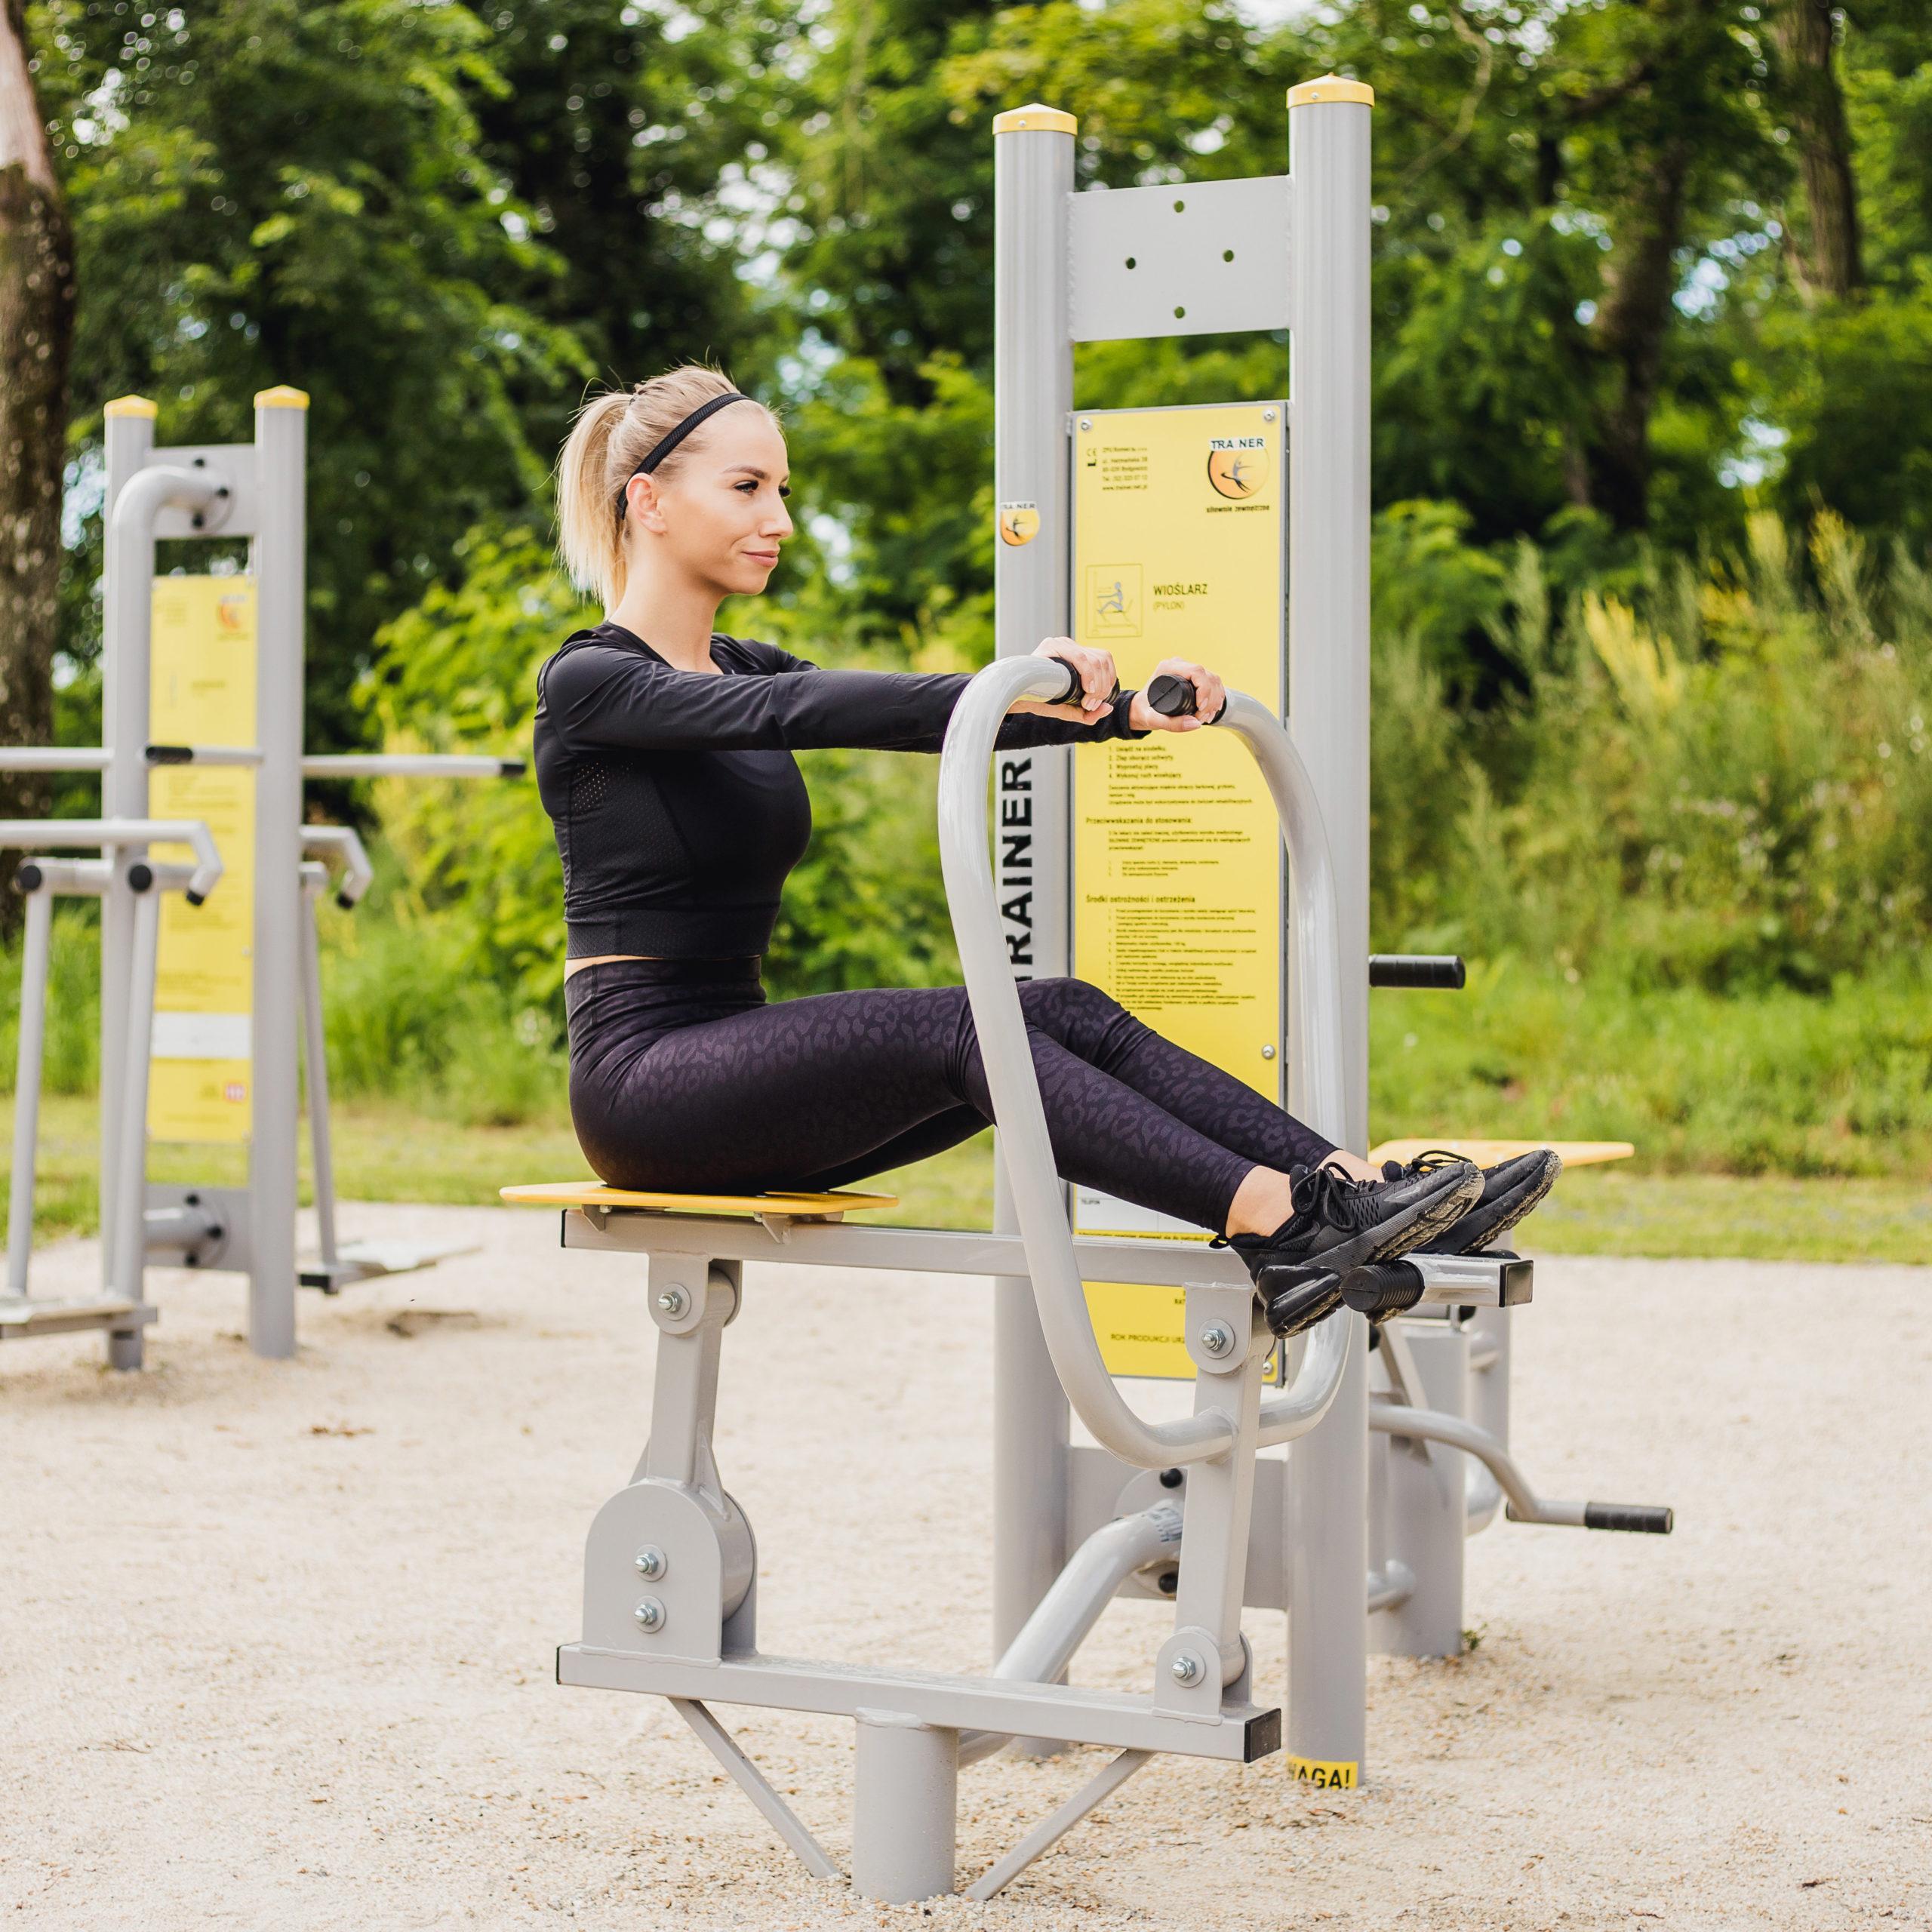 <span>Outdoor Fitnessgeräte und Street Workout</span> Hergestellt in Europa